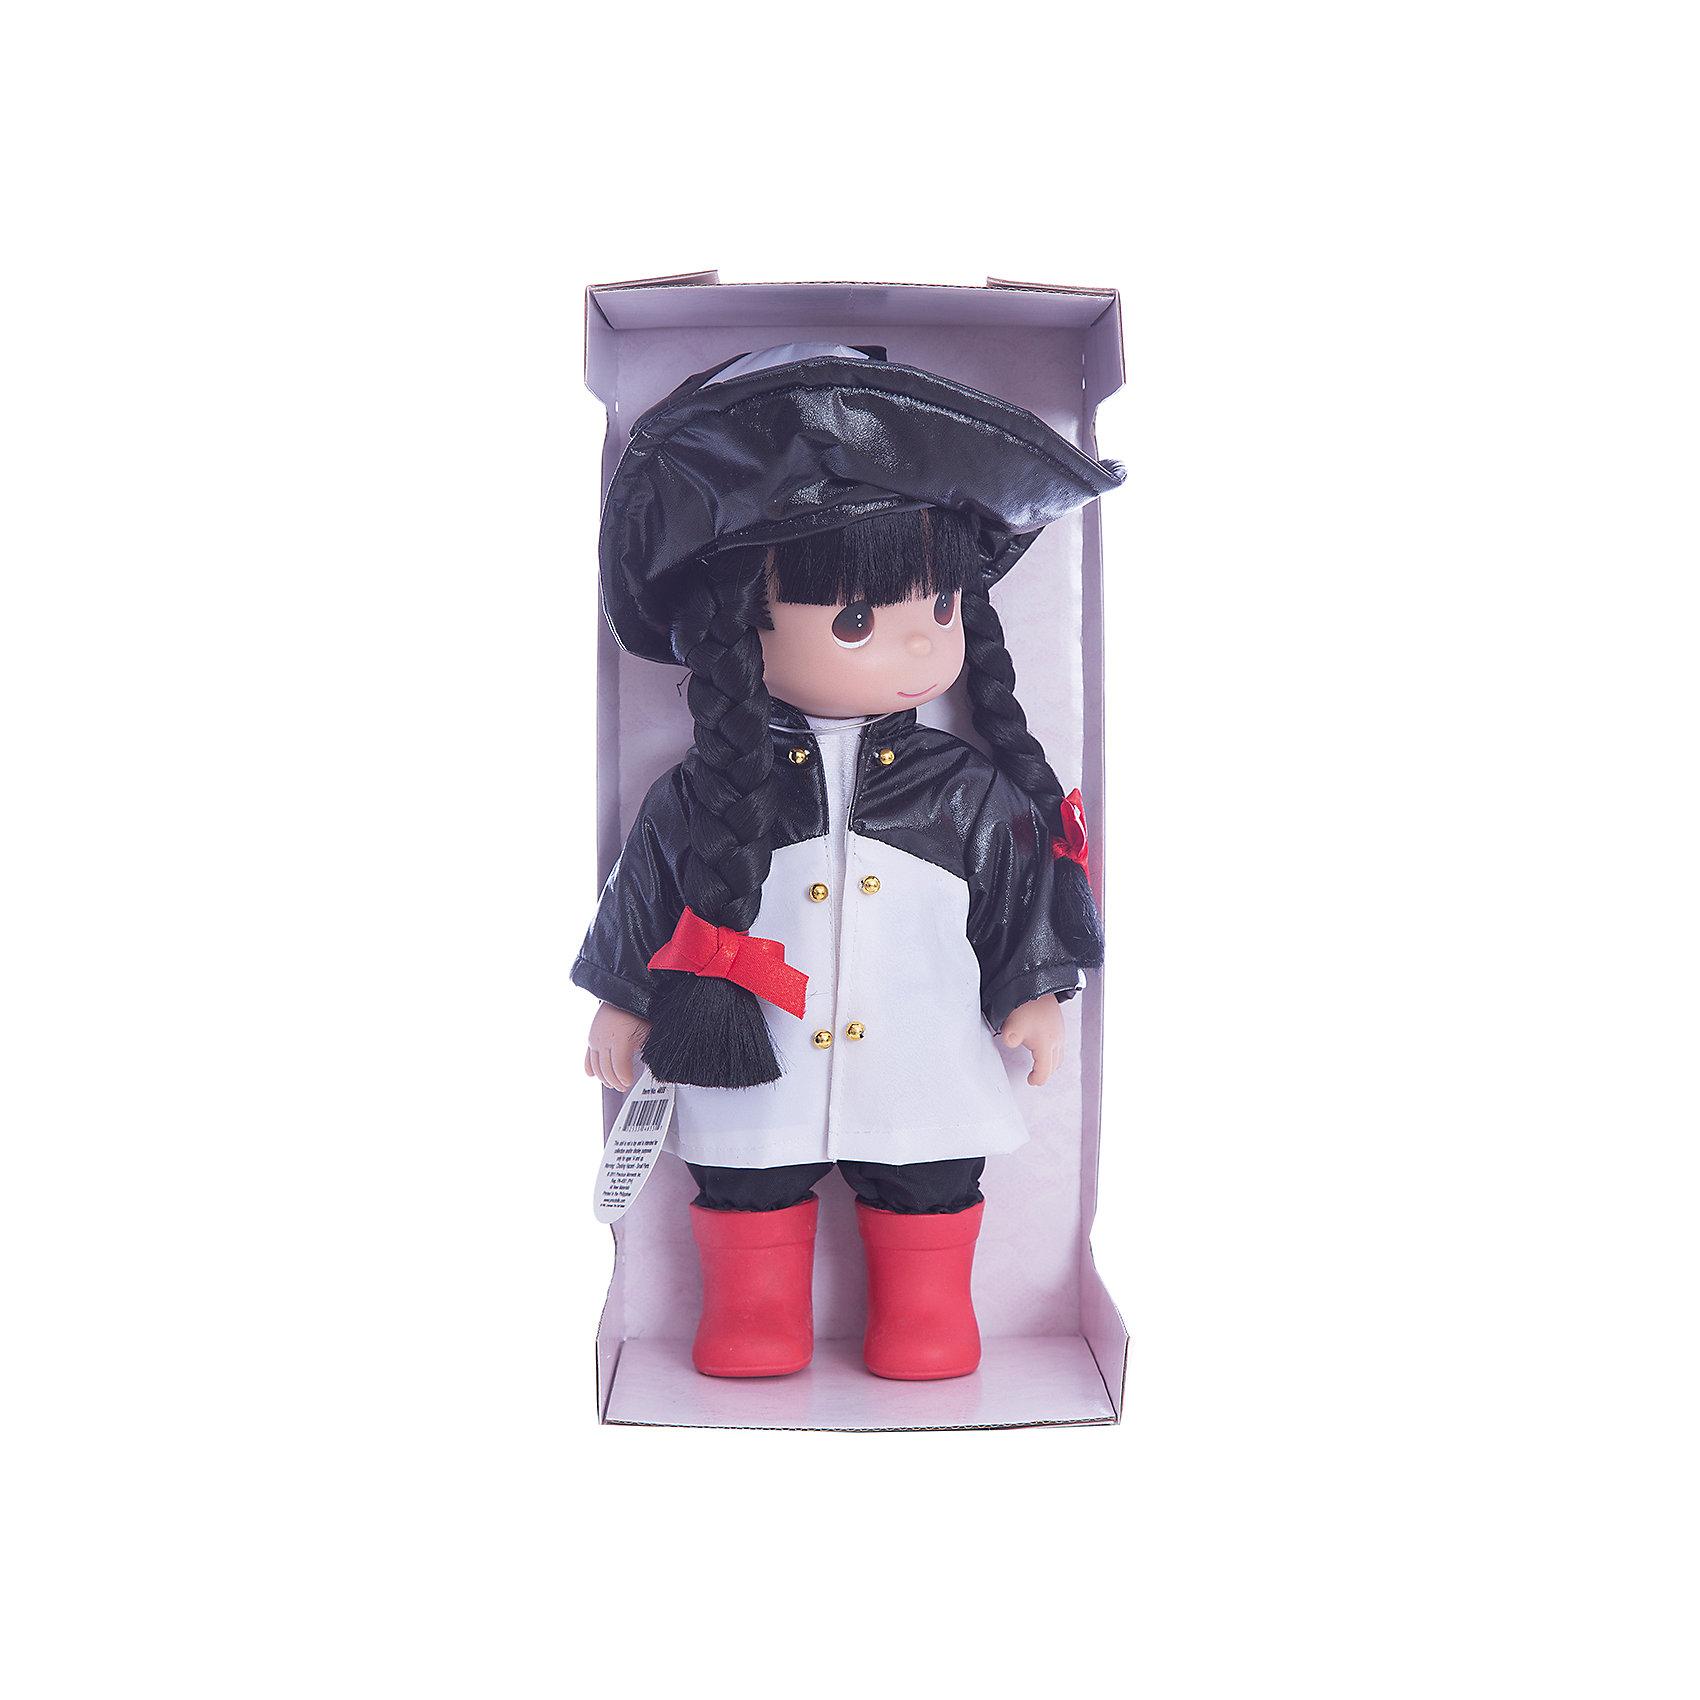 Кукла Дождь и солнце. Панда, 30 см, Precious MomentsКлассические куклы<br>Характеристики товара:<br><br>• возраст: от 5 лет;<br>• материал: винил, текстиль;<br>• высота куклы: 30 см;<br>• размер упаковки: 30х20х10 см;<br>• вес упаковки: 450 гр.;<br>• страна производитель: Филиппины.<br><br>Кукла «Дождь и солнце. Панда» Precious Moments — коллекционная кукла с выразительными карими глазками и темными волосами, заплетенными в косички. Куколка одета в черно-белый плащ, на голове у нее большая шляпка с мордочкой панды.<br><br>У куклы имеются подвижные детали. Она выполнена из качественного безопасного материала.<br><br>Куклу «Дождь и солнце. Панда» Precious Moments можно приобрести в нашем интернет-магазине.<br><br>Ширина мм: 140<br>Глубина мм: 300<br>Высота мм: 80<br>Вес г: 428<br>Возраст от месяцев: 36<br>Возраст до месяцев: 2147483647<br>Пол: Женский<br>Возраст: Детский<br>SKU: 5482507